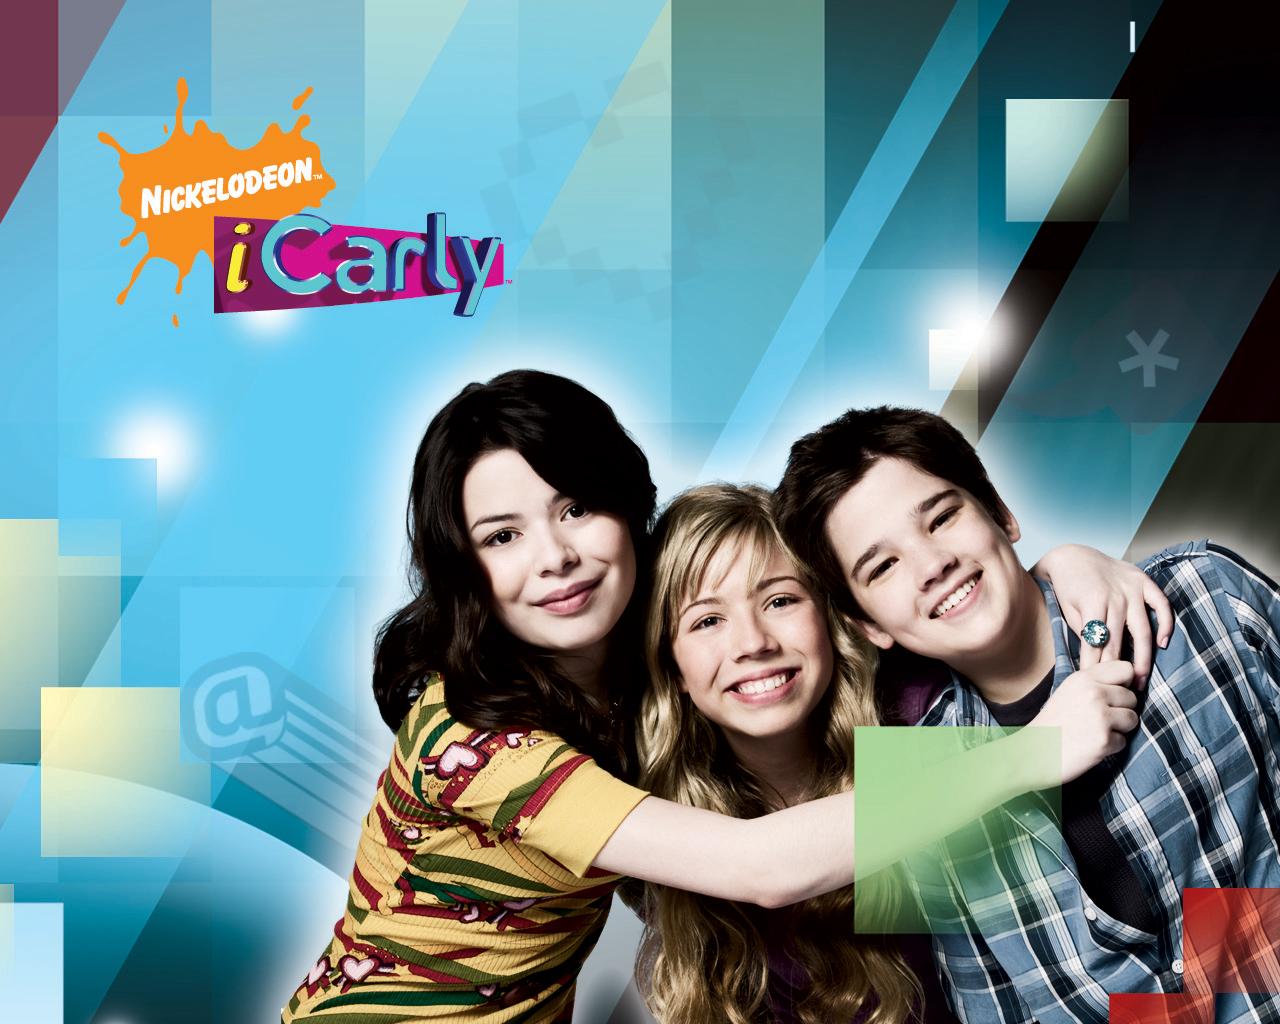 Permet de Nickelodeon Vous Tickle, Poke Icarly pour iPad gratuit Jeux pour PC